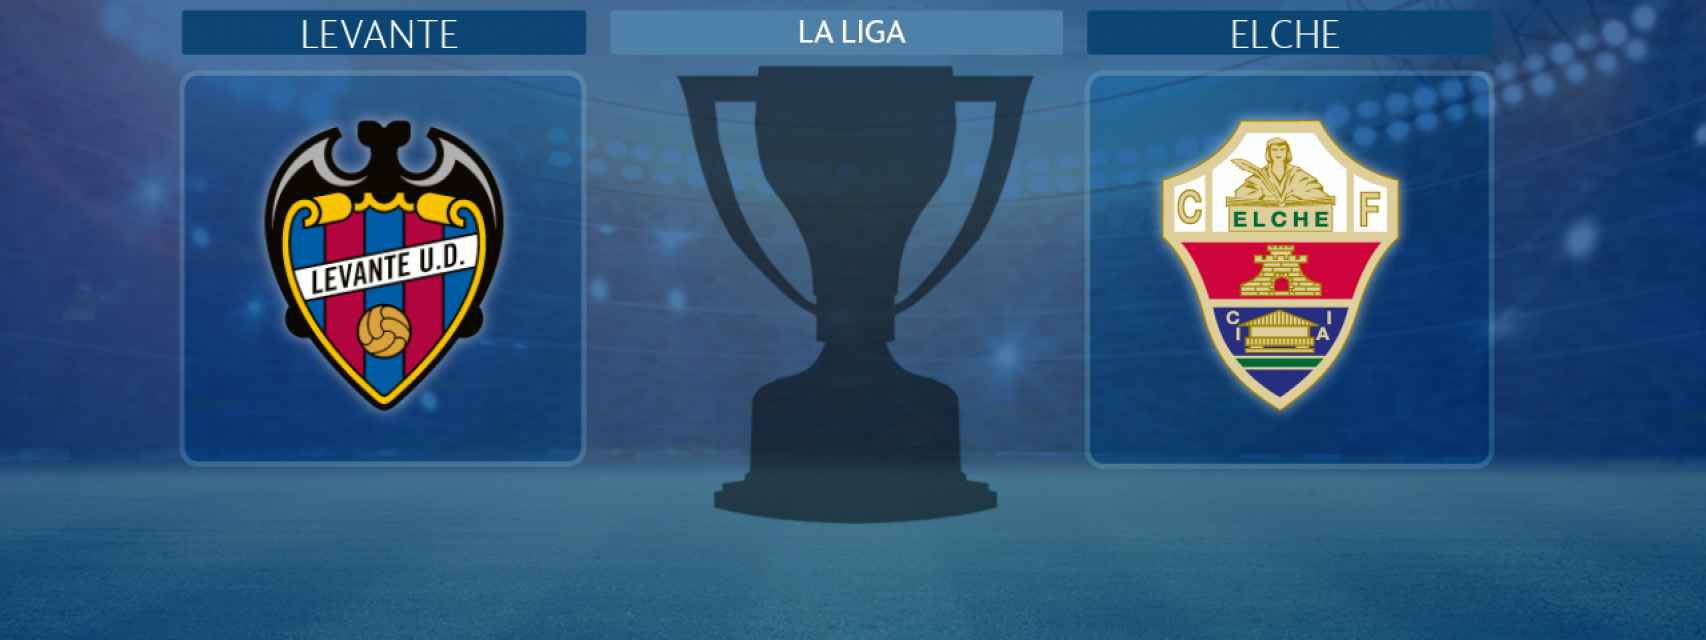 Levante - Elche, partido de La Liga